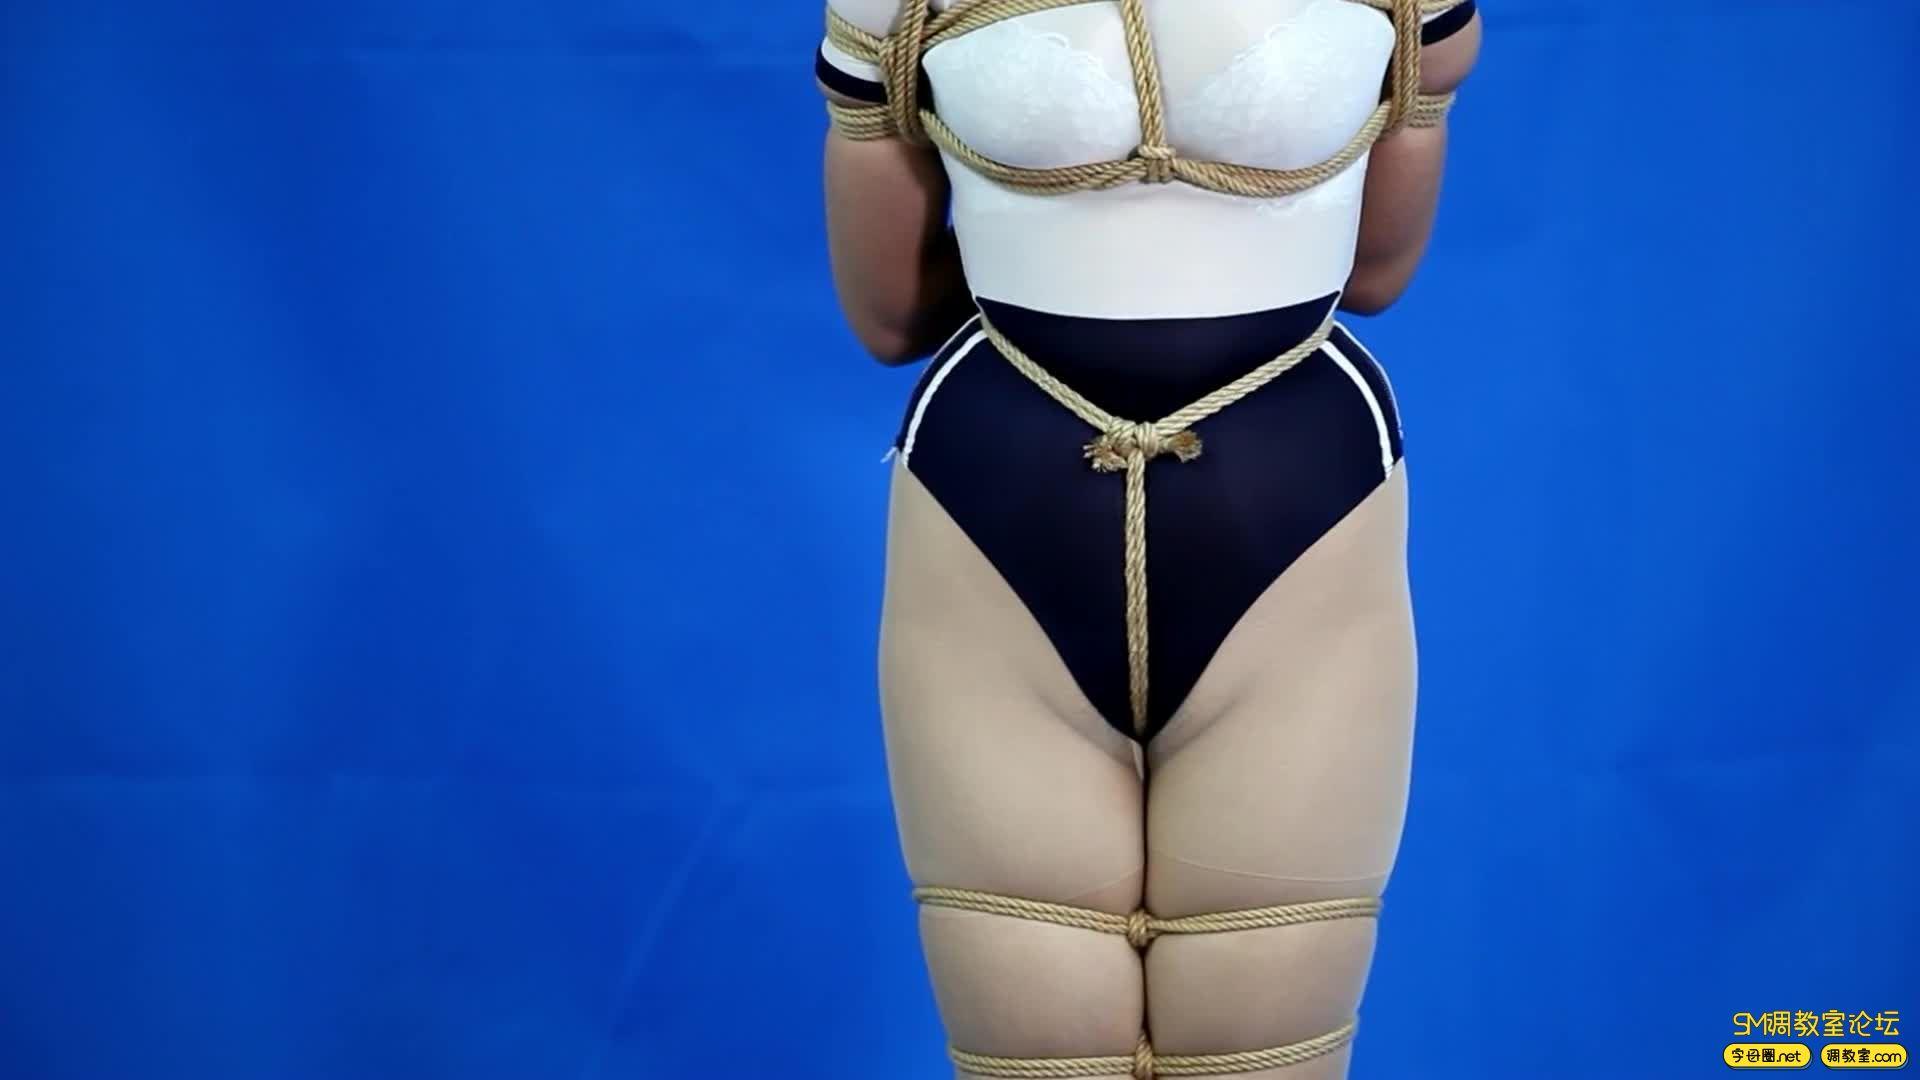 CLZ原创_灵粒丝袜套头大号口球并腿超级缚-视频截图5